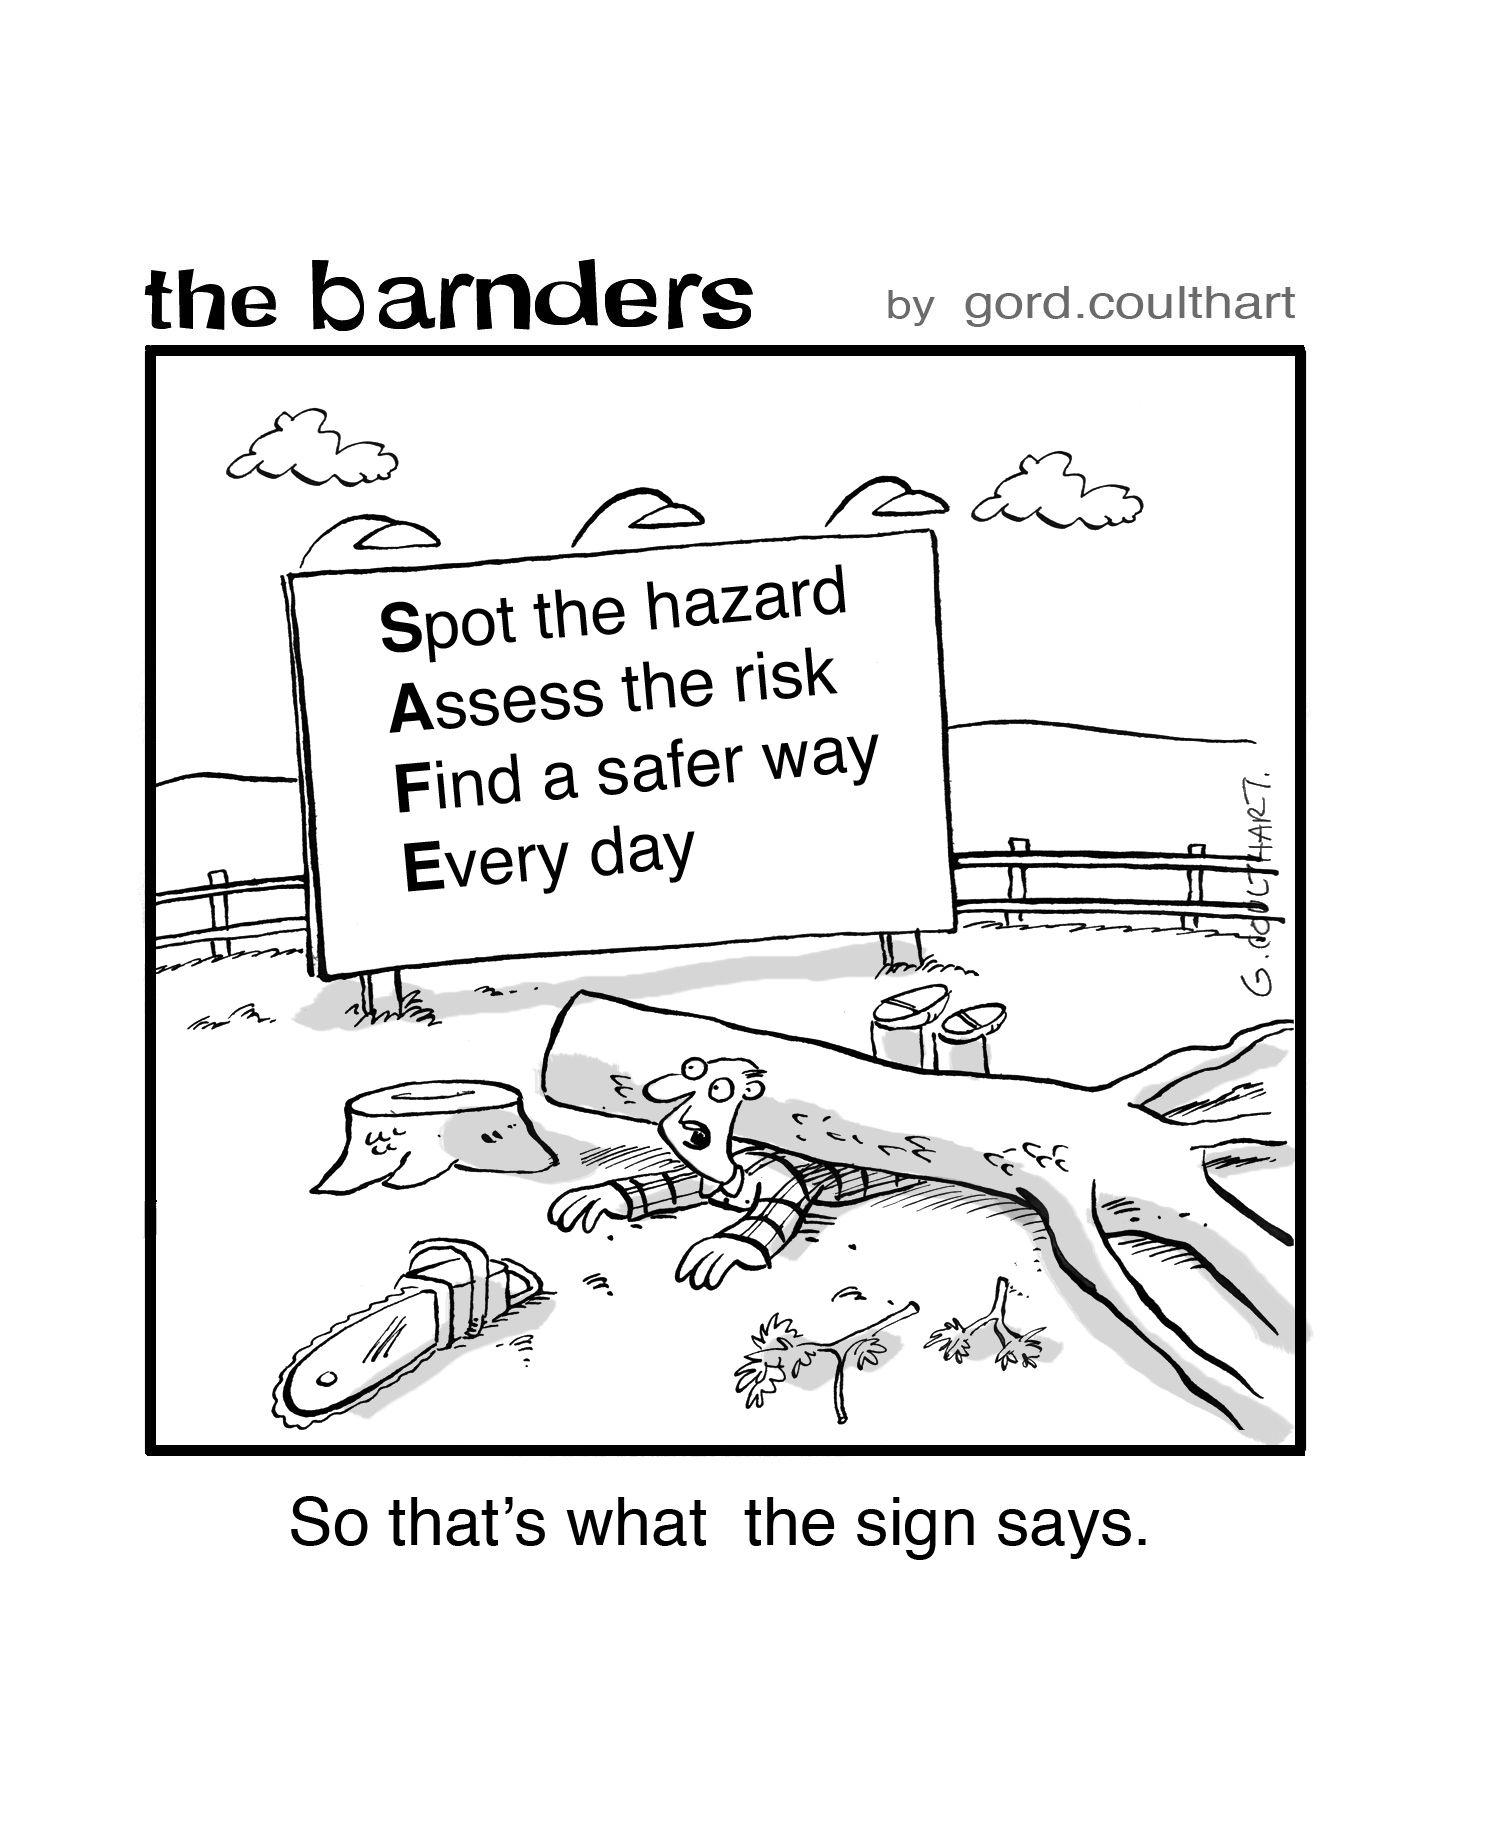 Spot the hazard.....Assess the risk...Find a safer way